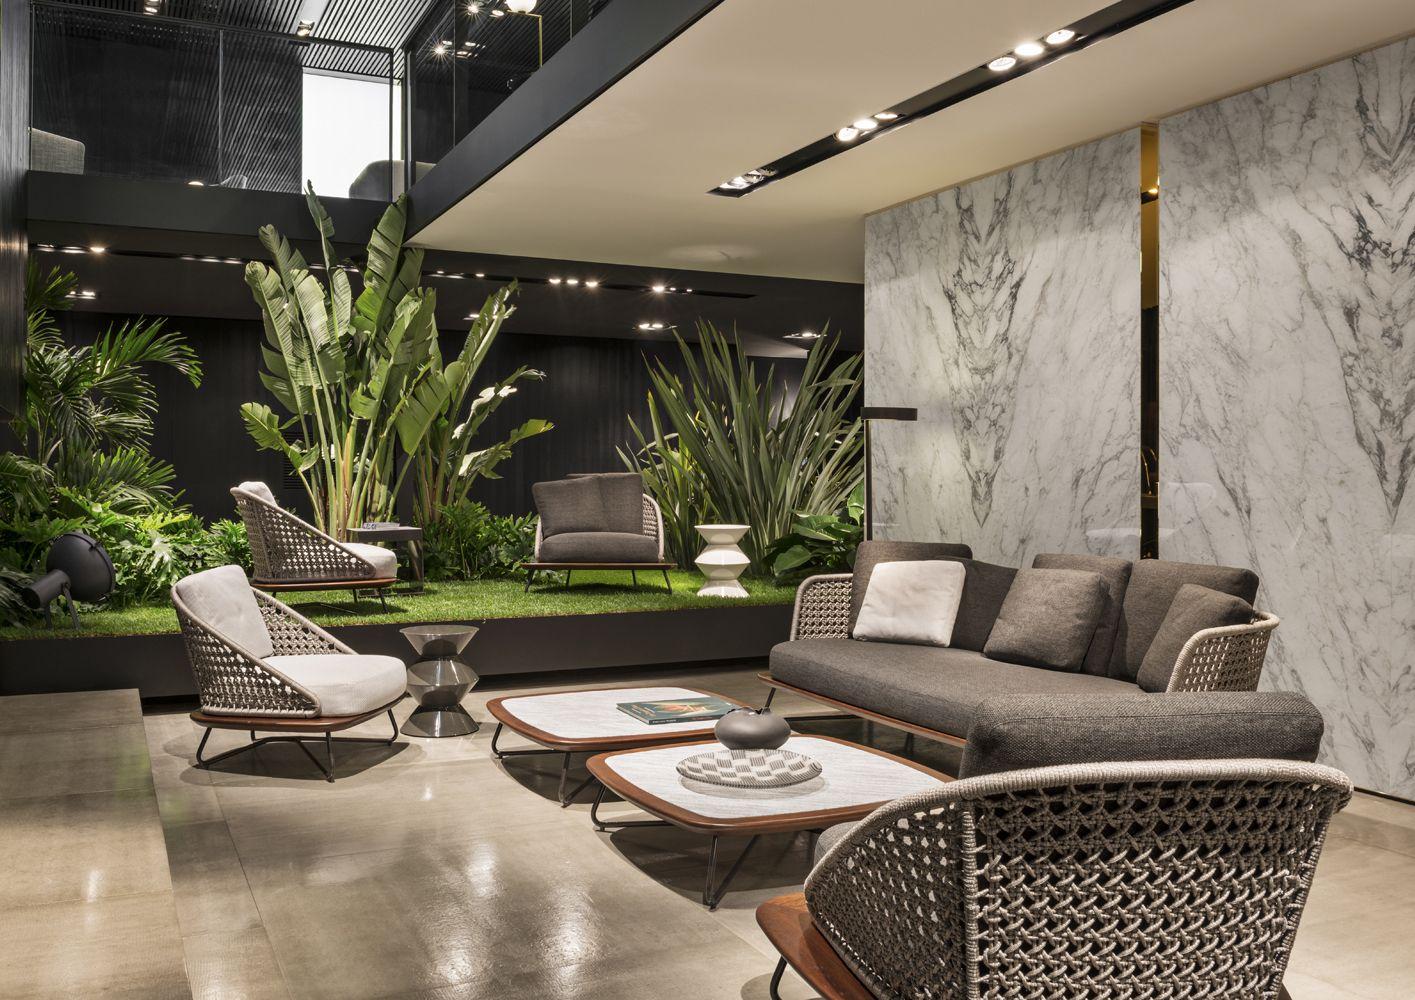 minotti luxus m bel interiores pinterest interiores. Black Bedroom Furniture Sets. Home Design Ideas